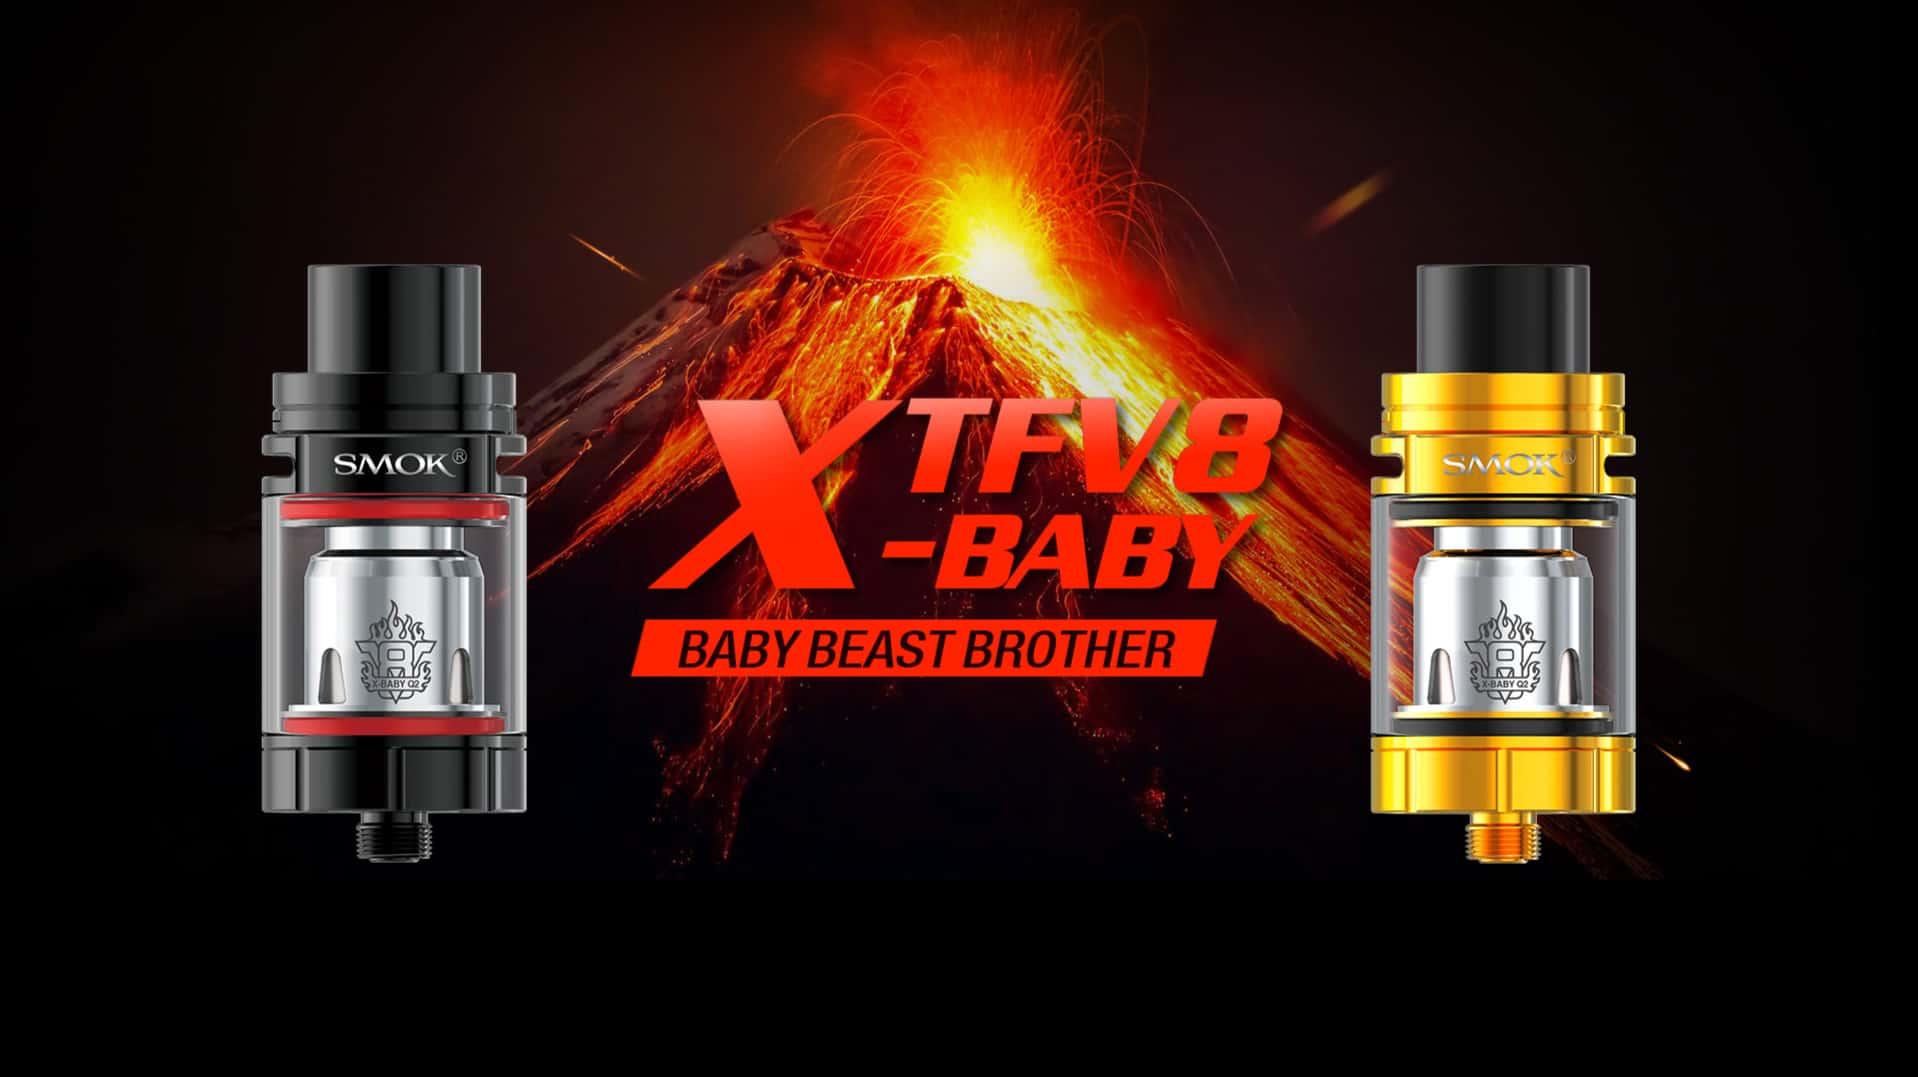 Atomizzatori E-Cig Smok: alla scoperta di X Baby, Big Baby, Baby e TFV8 Cloud Beast